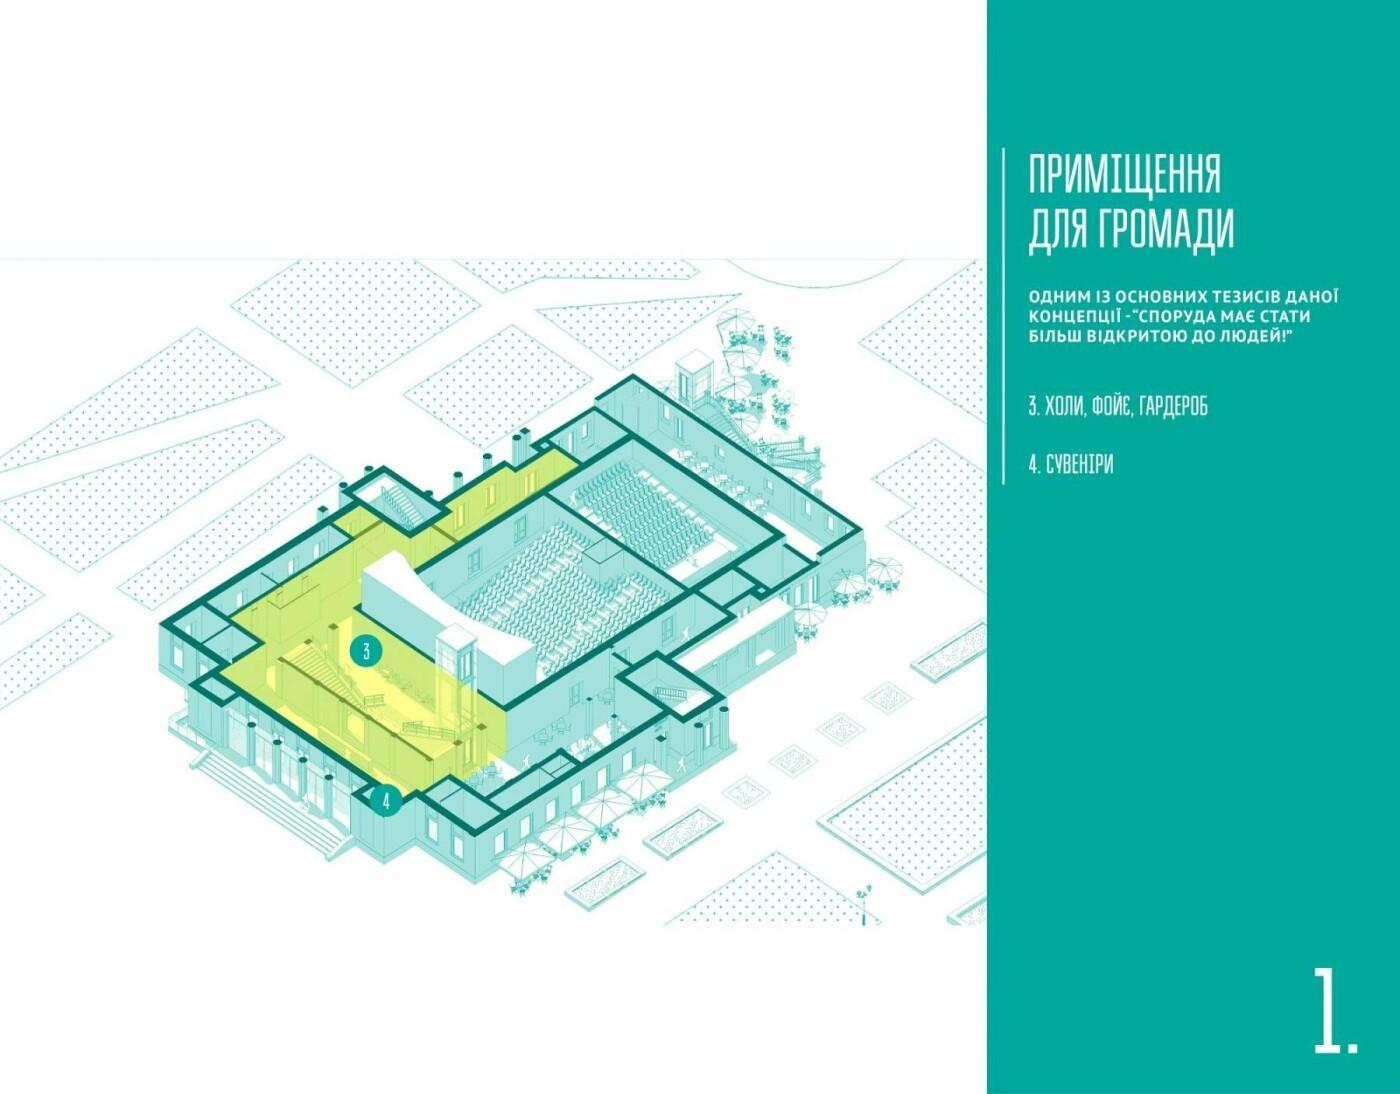 Концепція розвитку: яким буде кінотеатр Шевченка в майбутньому, фото-12